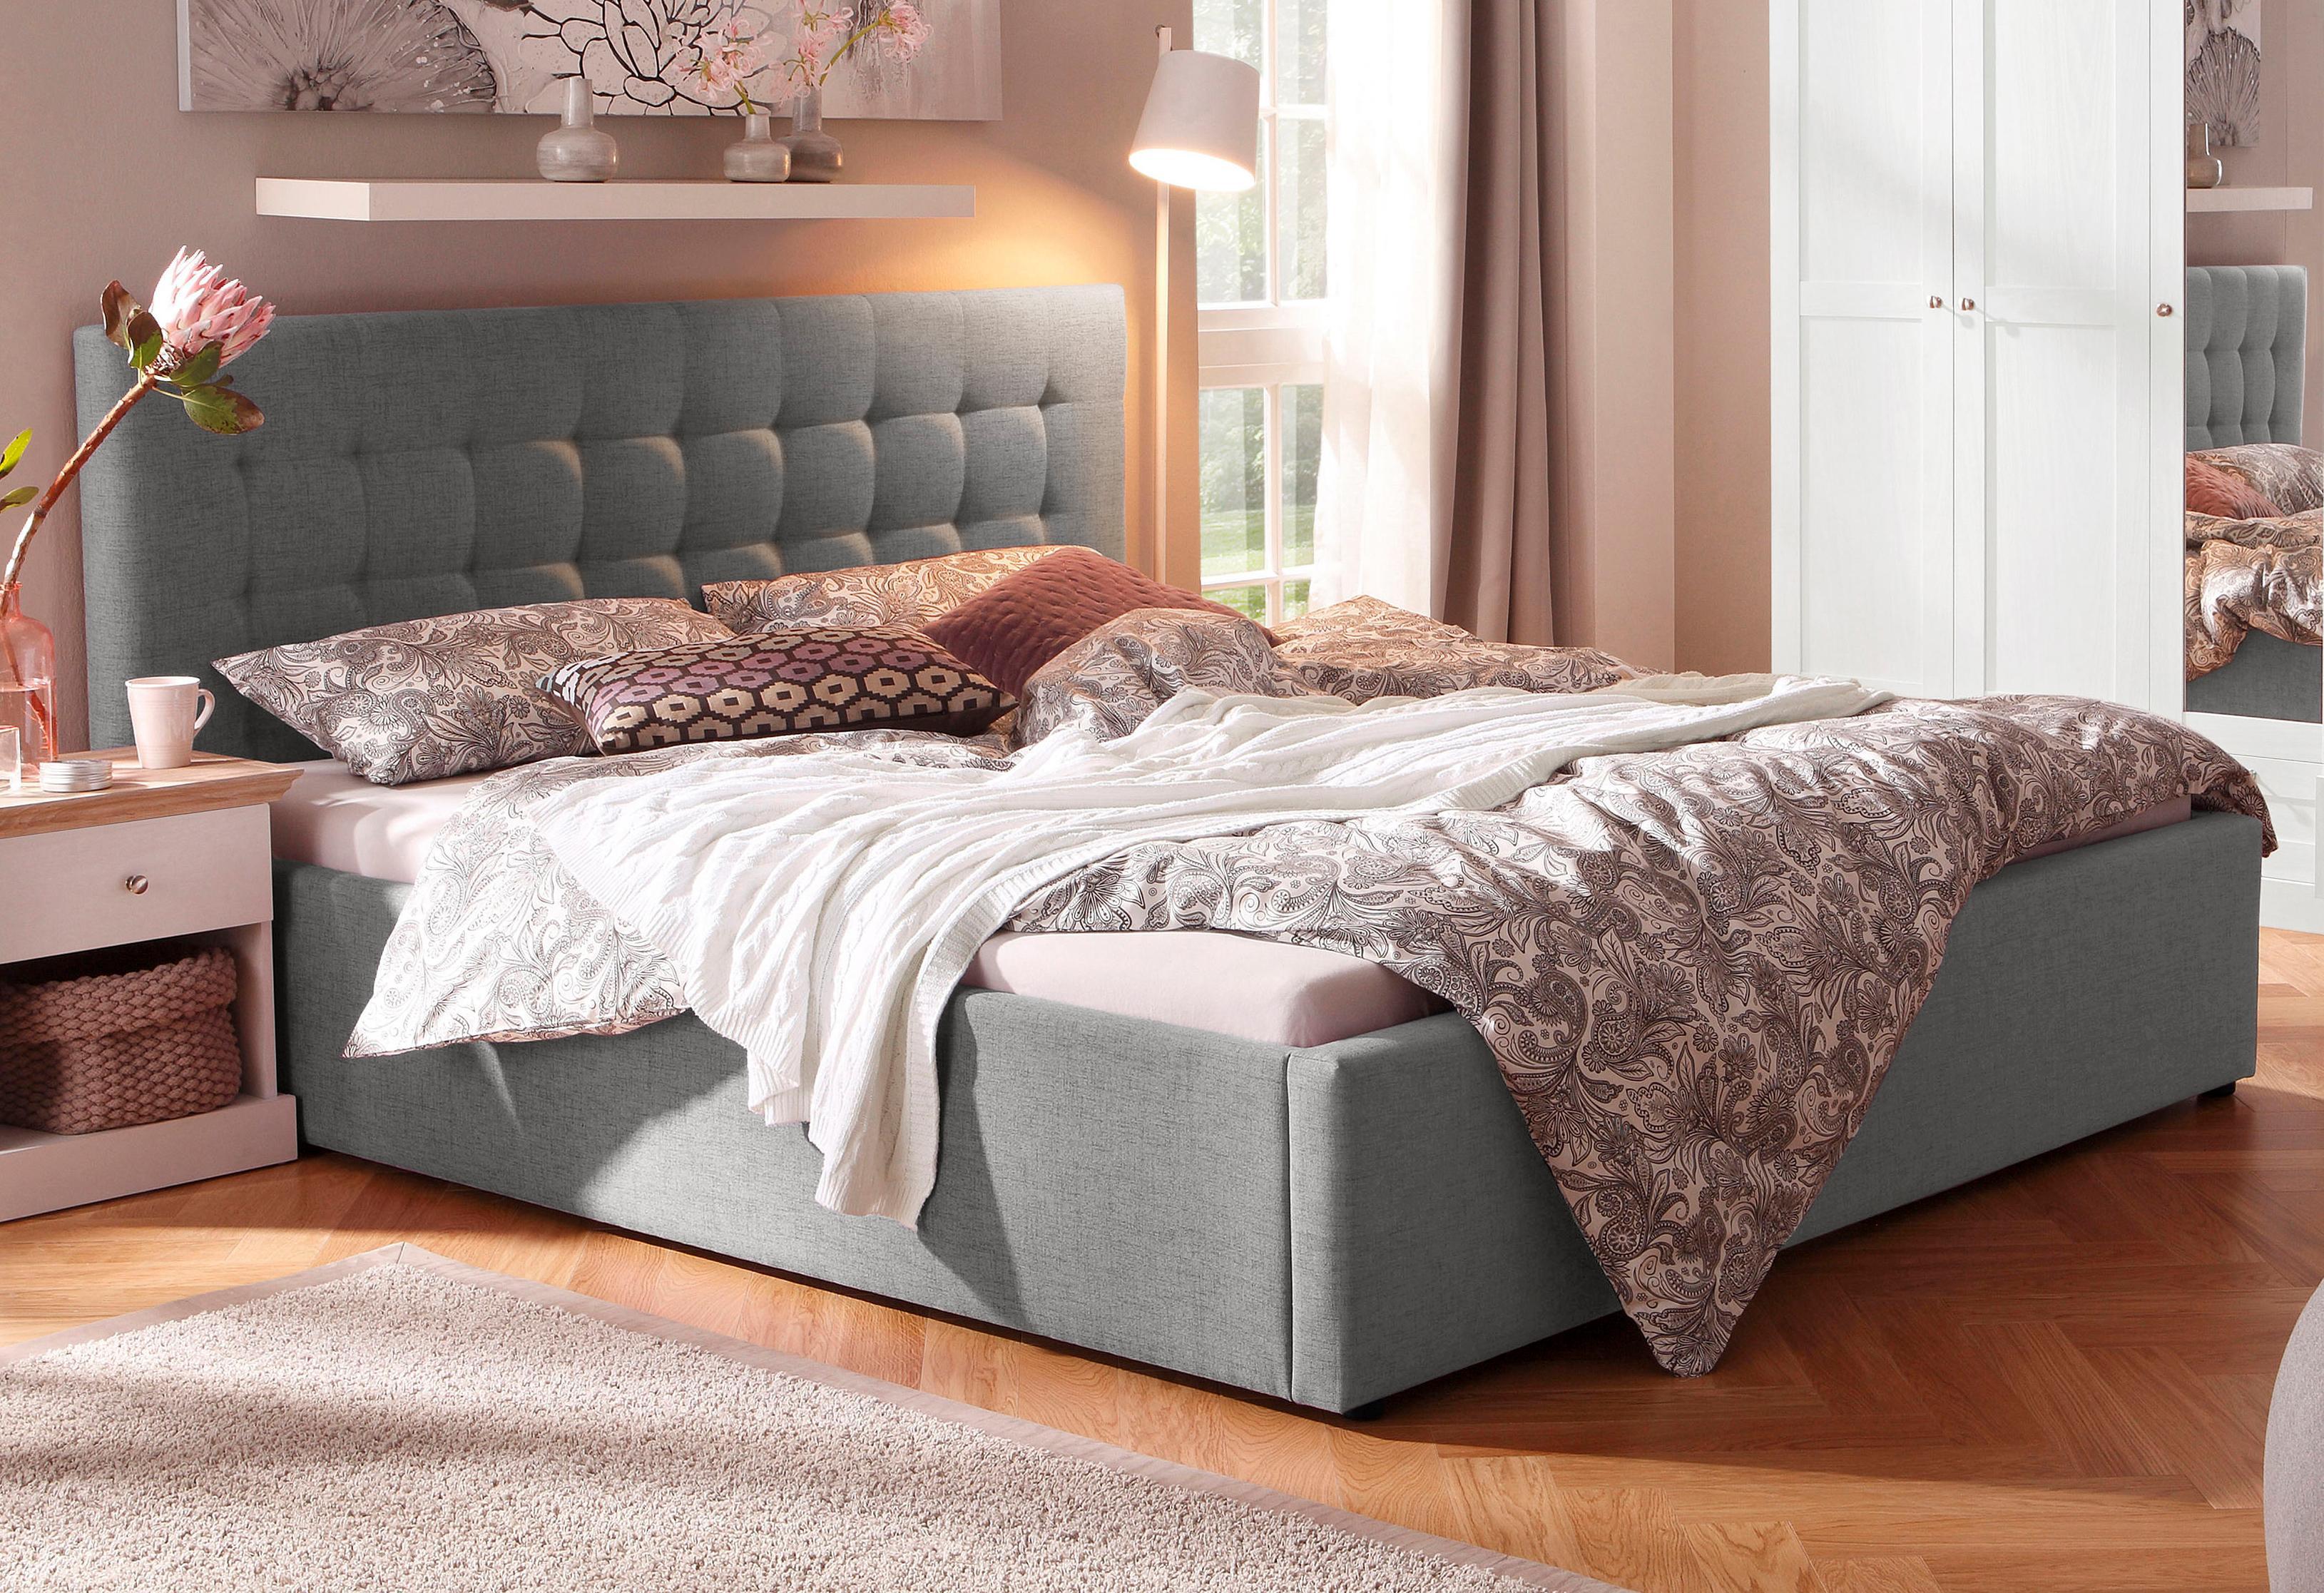 Home Affaire 4-türiger Kleiderschrank Selma für das Schlafzimmer aus massiven Holz Höhe 190 cm